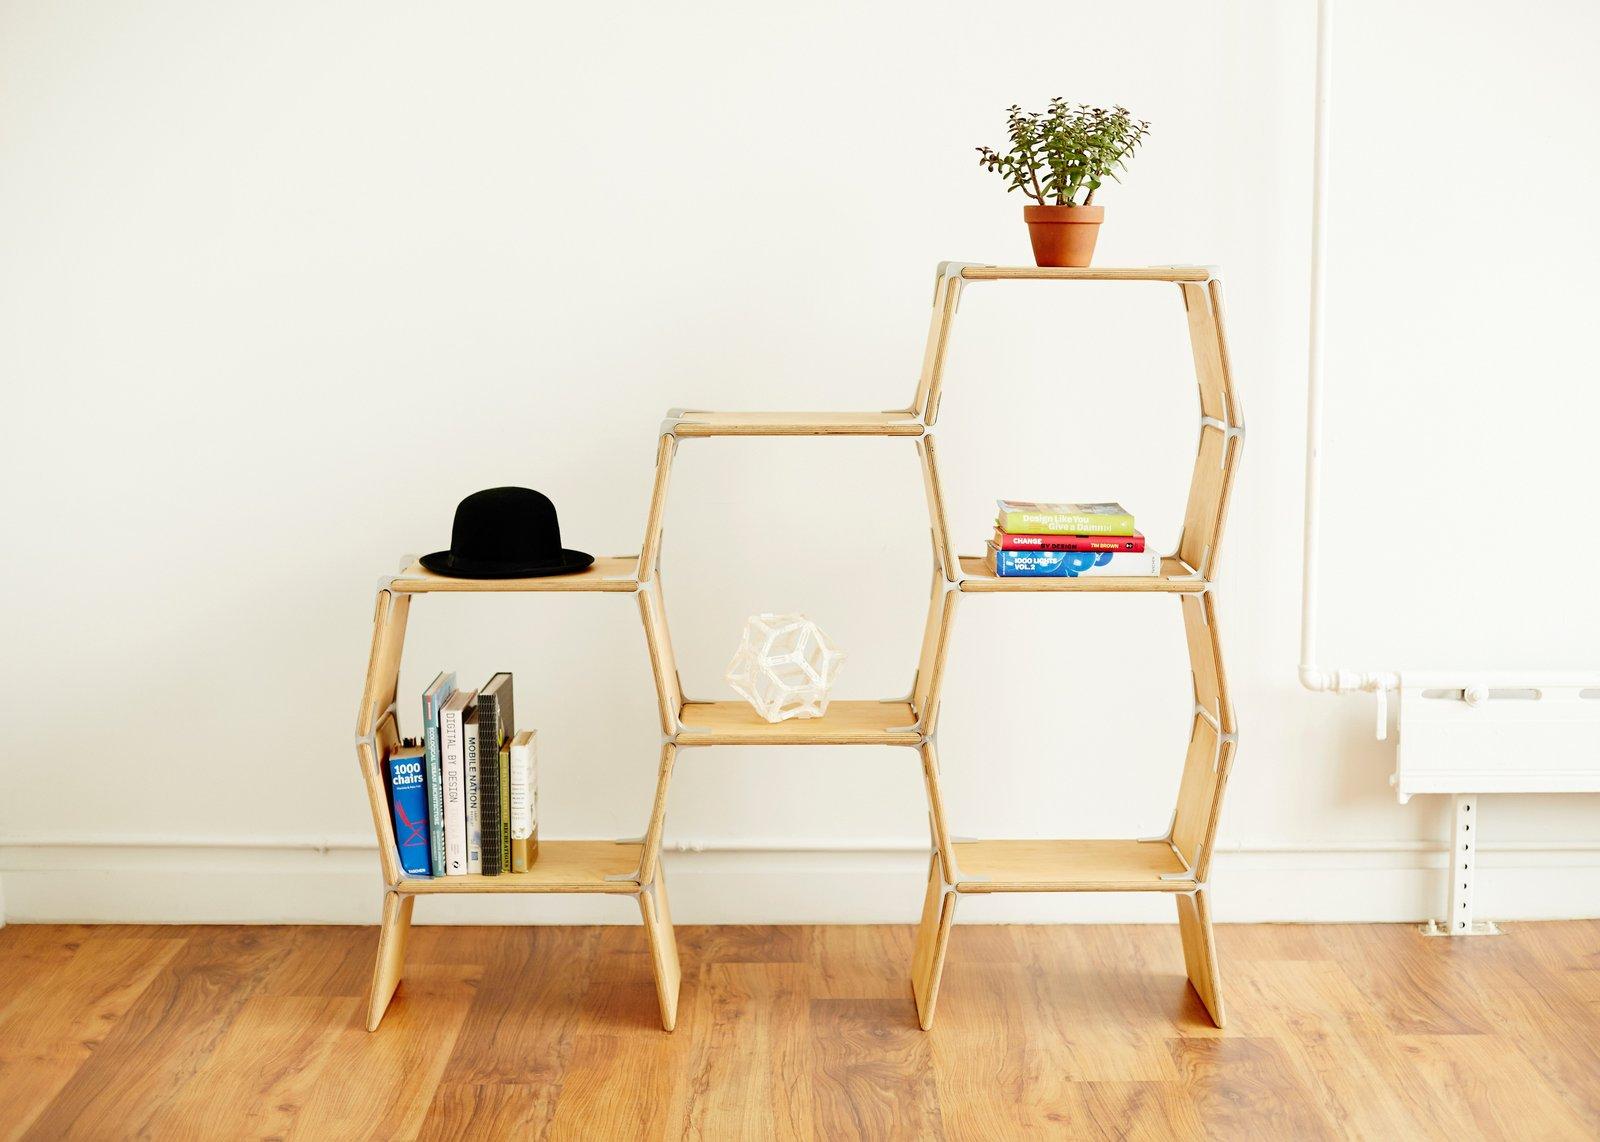 modular furniture tool-free furniture IXEDMHJ